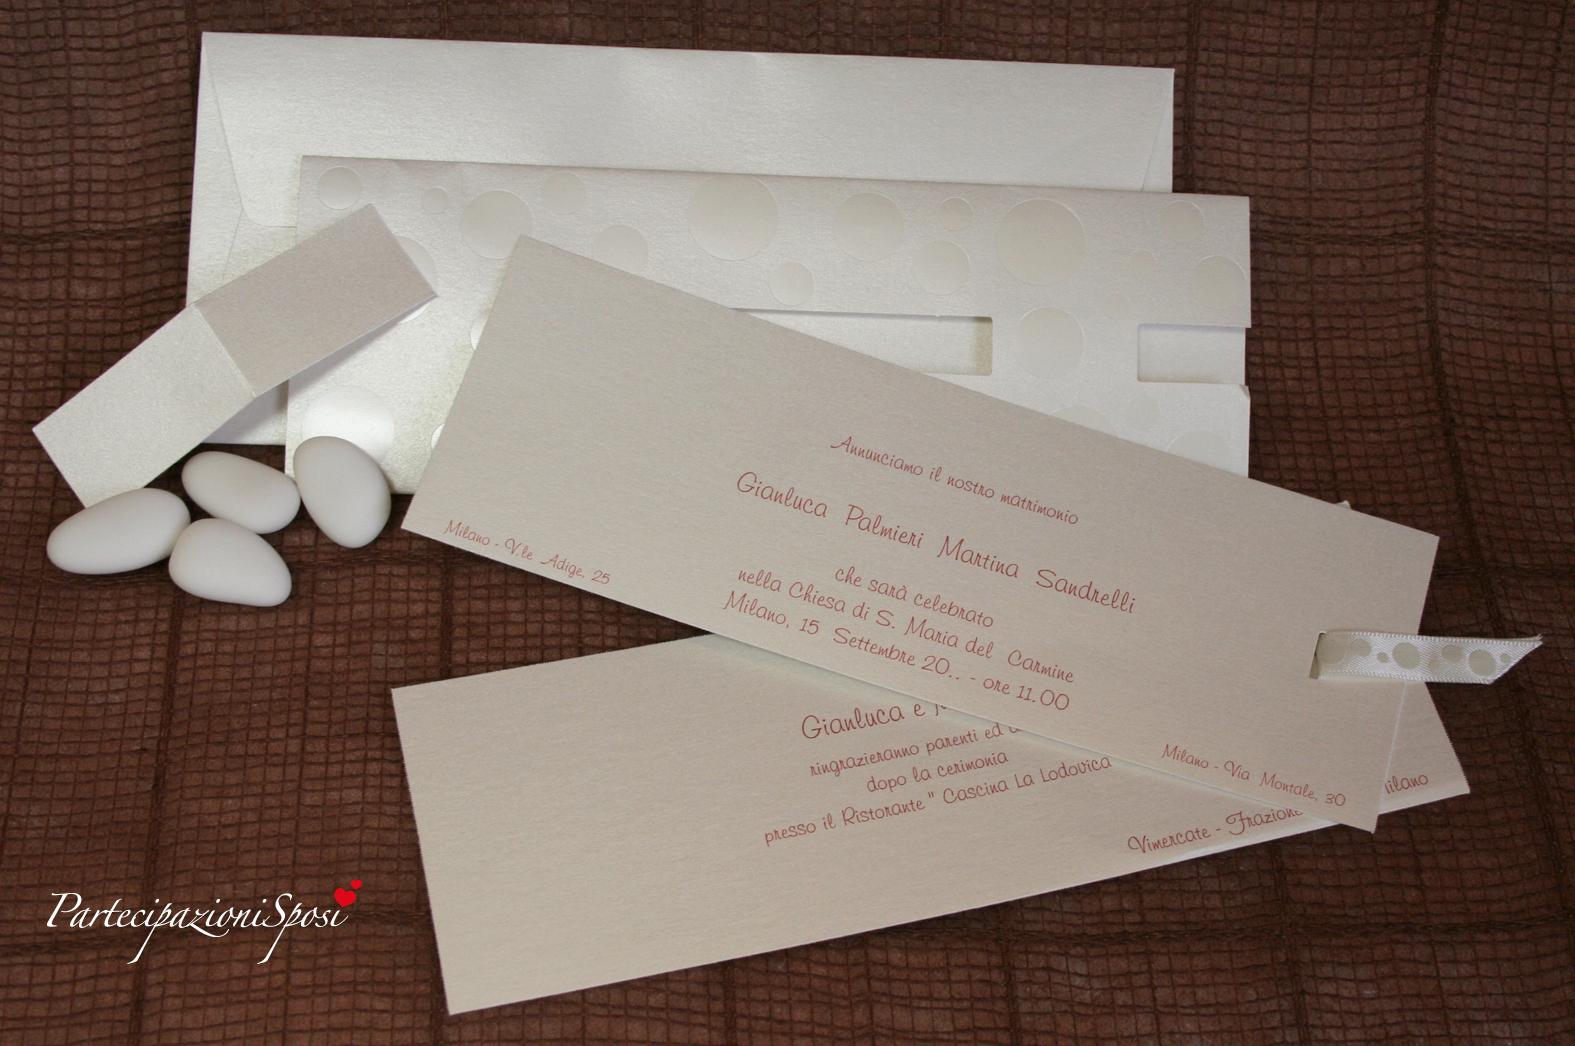 Partecipazioni di nozze con rito civile migliore for Partecipazioni nozze on line